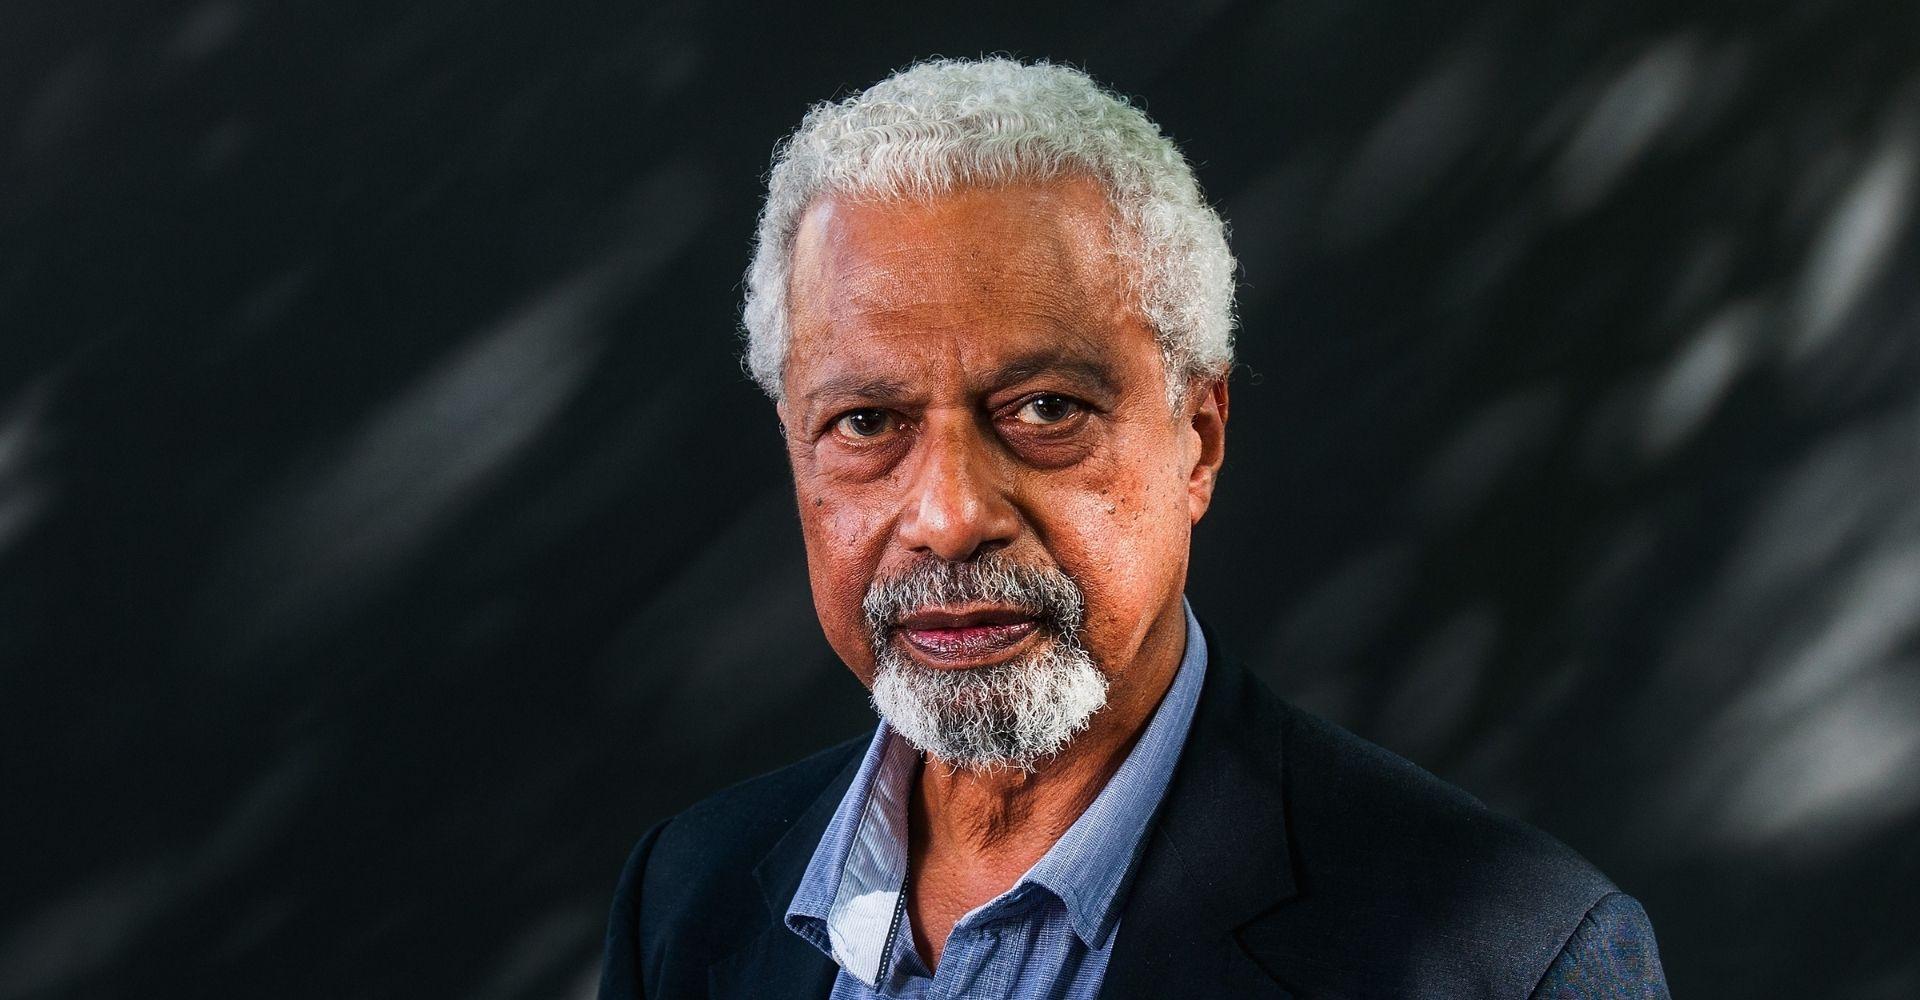 L'autore Abdulrazak Gurnah, Premio Nobel per la Letteratura 2021